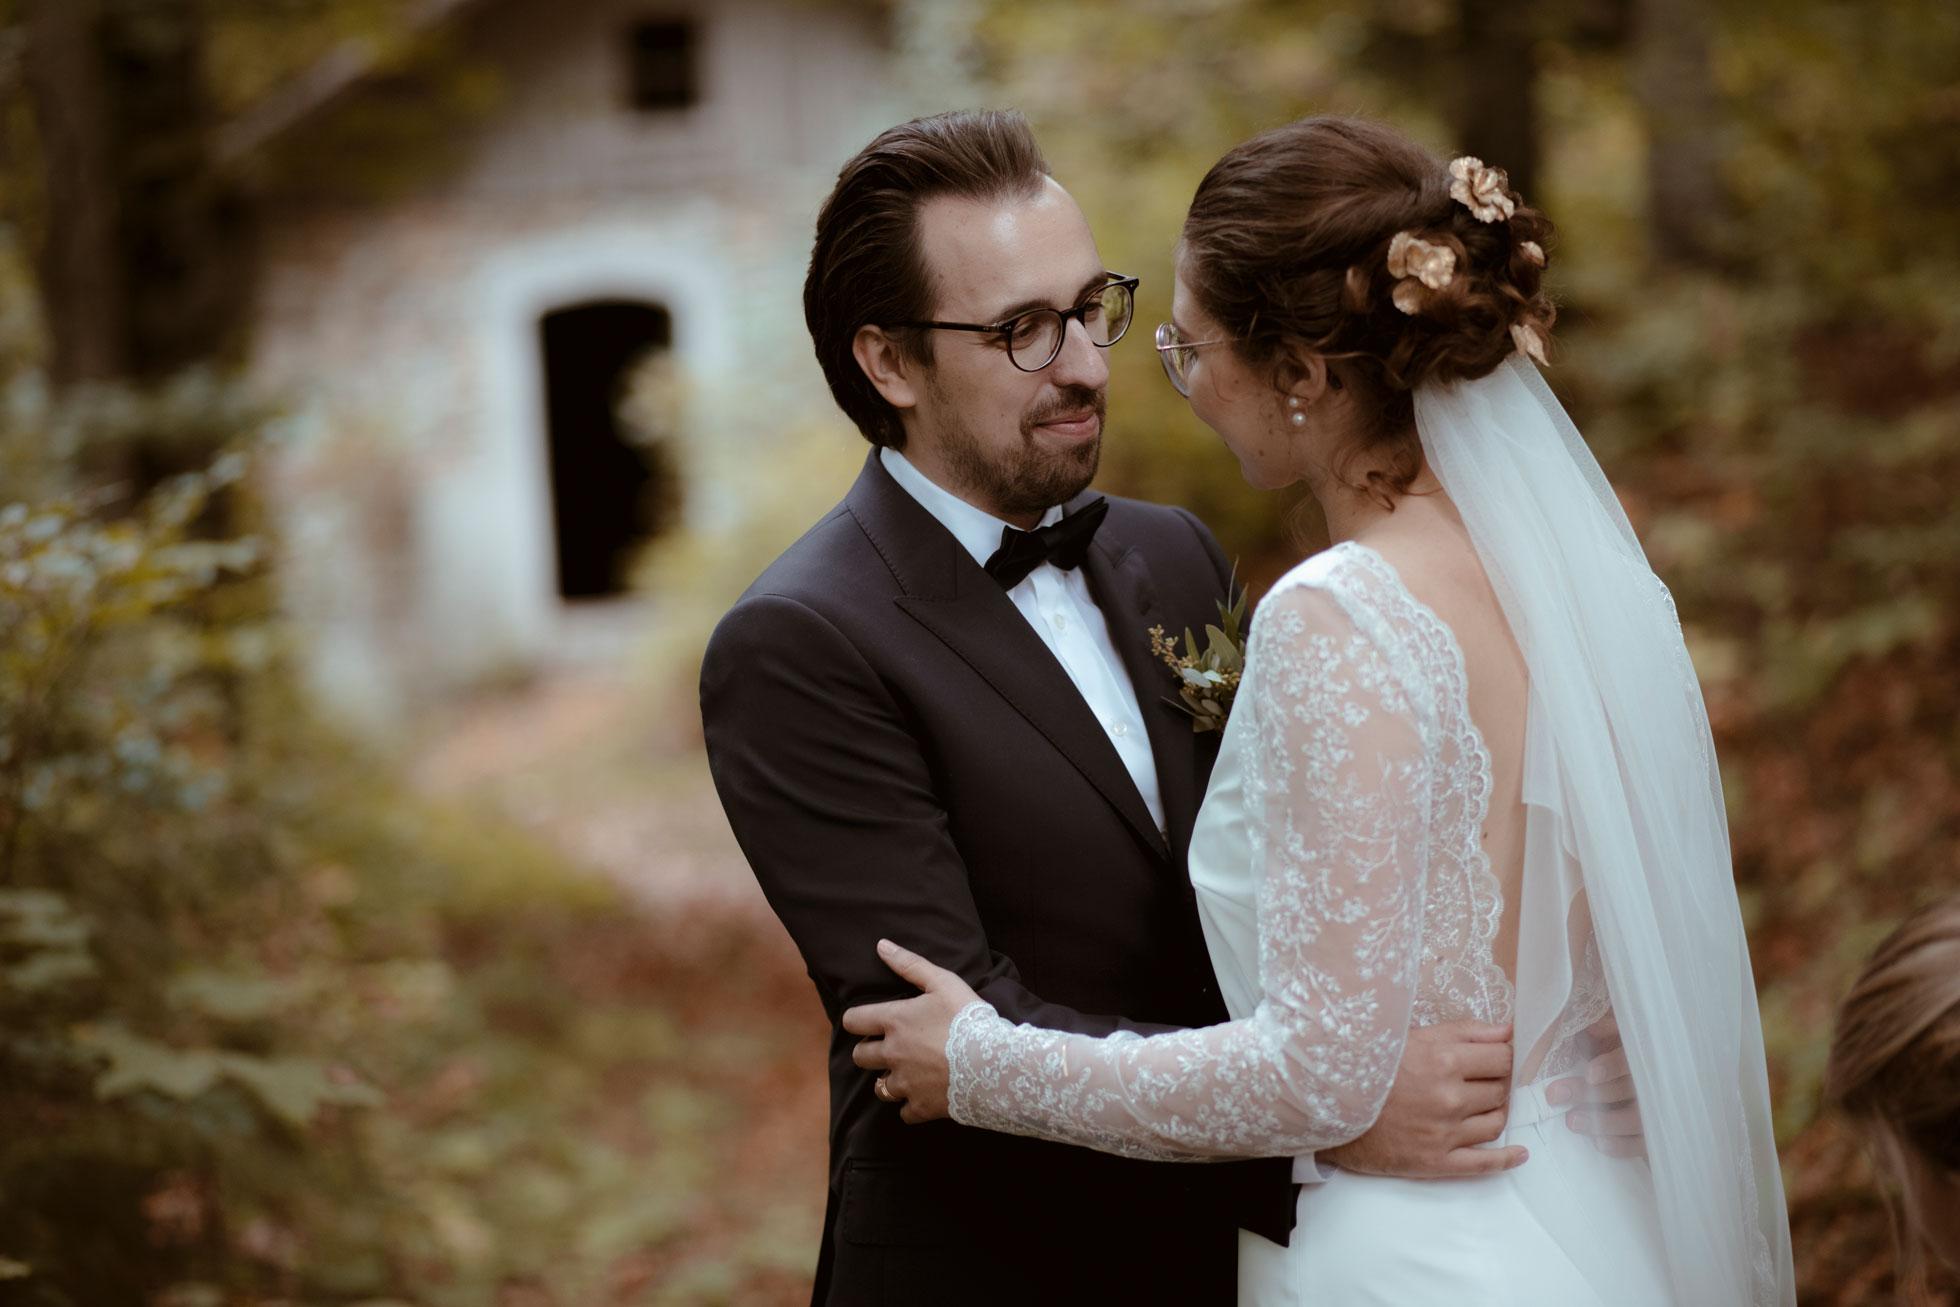 e20180922_claire_manuel_wedding_0619.jpg